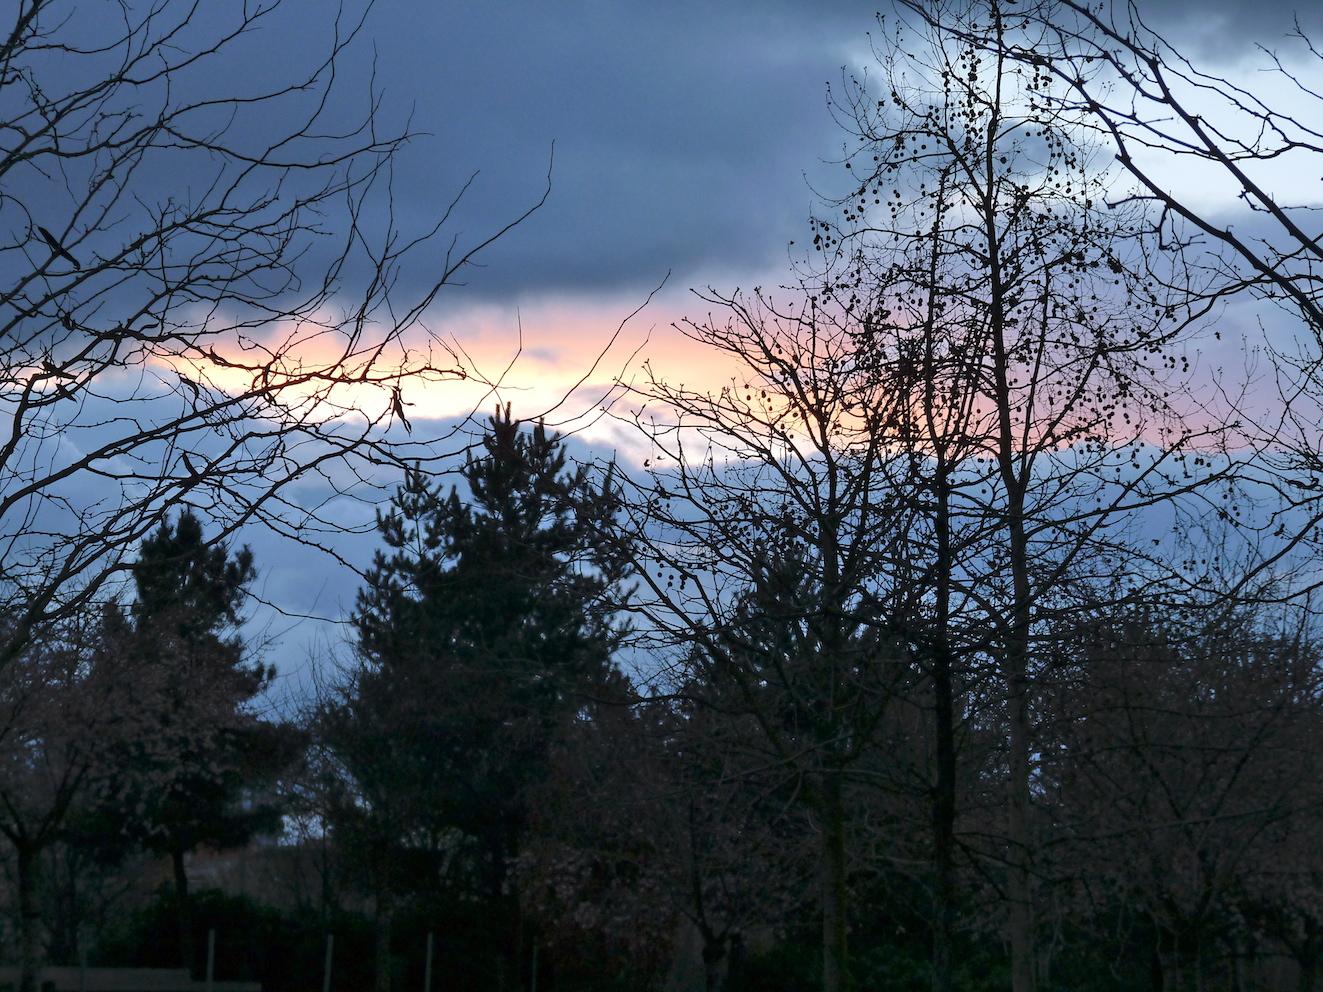 Ciel chargé sur le Parc Clichy-Batignolles